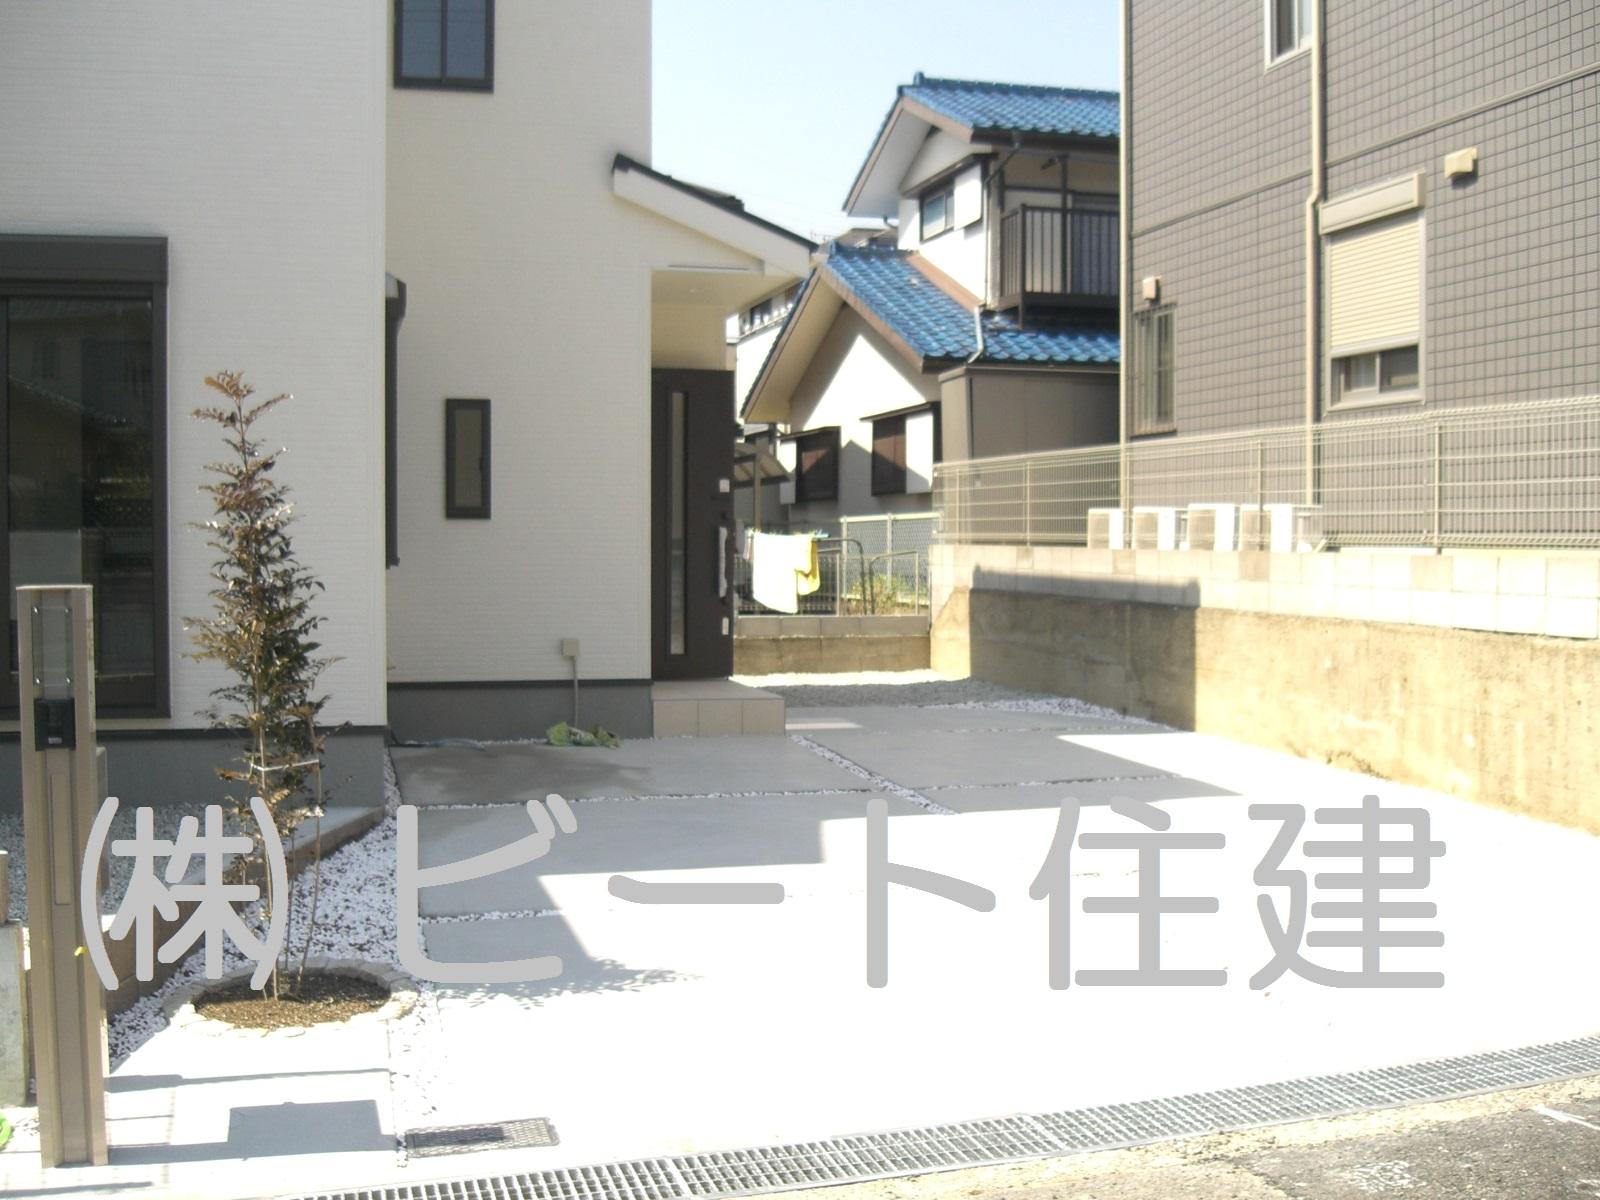 桜ケ丘 新築 限定1棟 前面道路6m